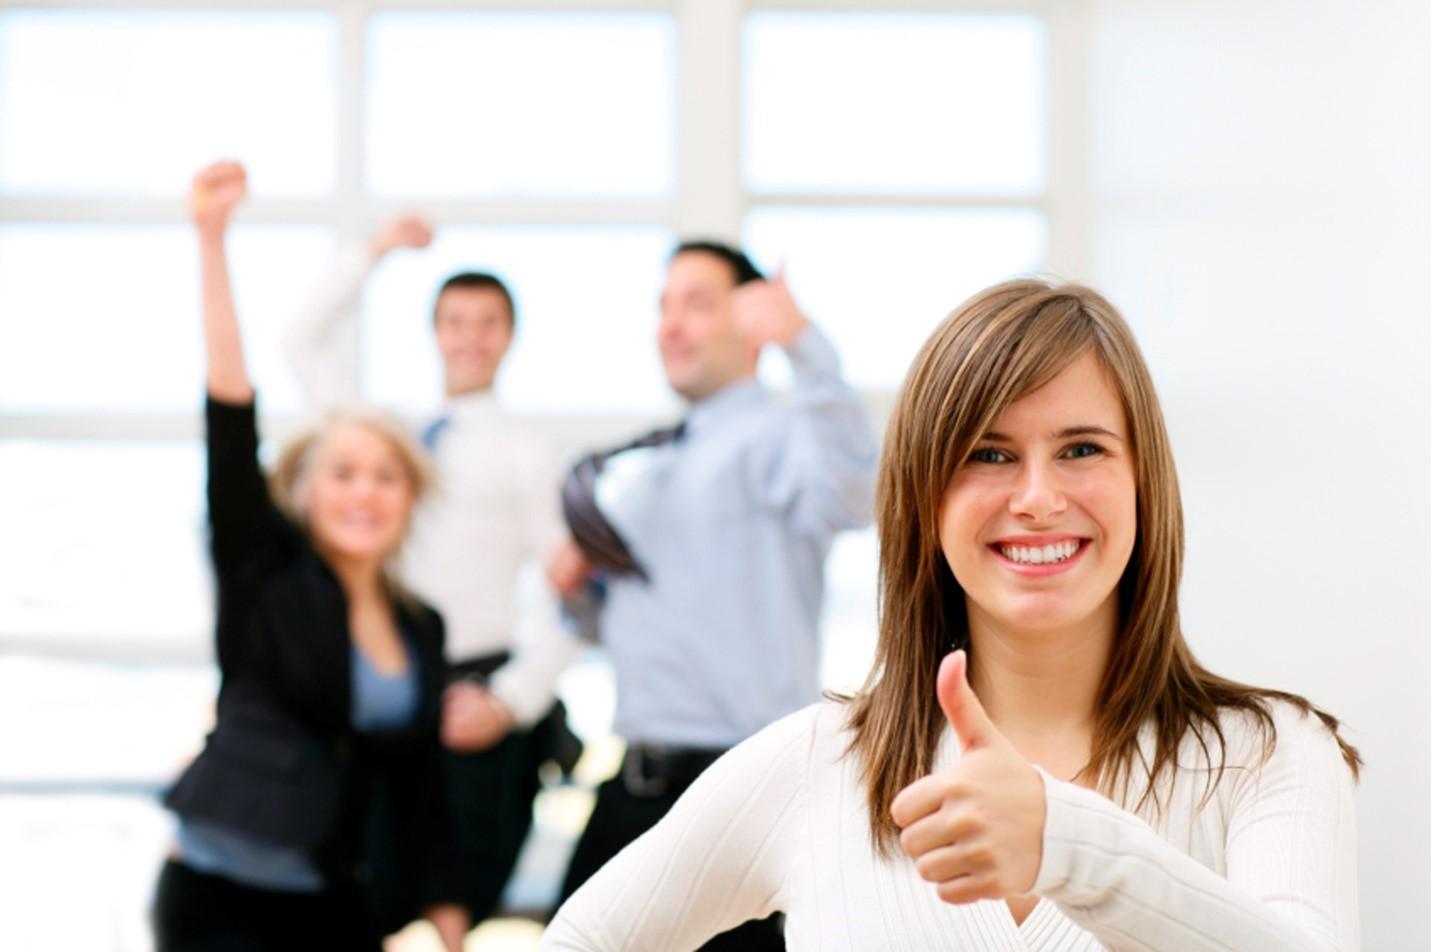 Làm thế nào để tiếp thu kiến thức luyện thi TOEFL hiệu quả